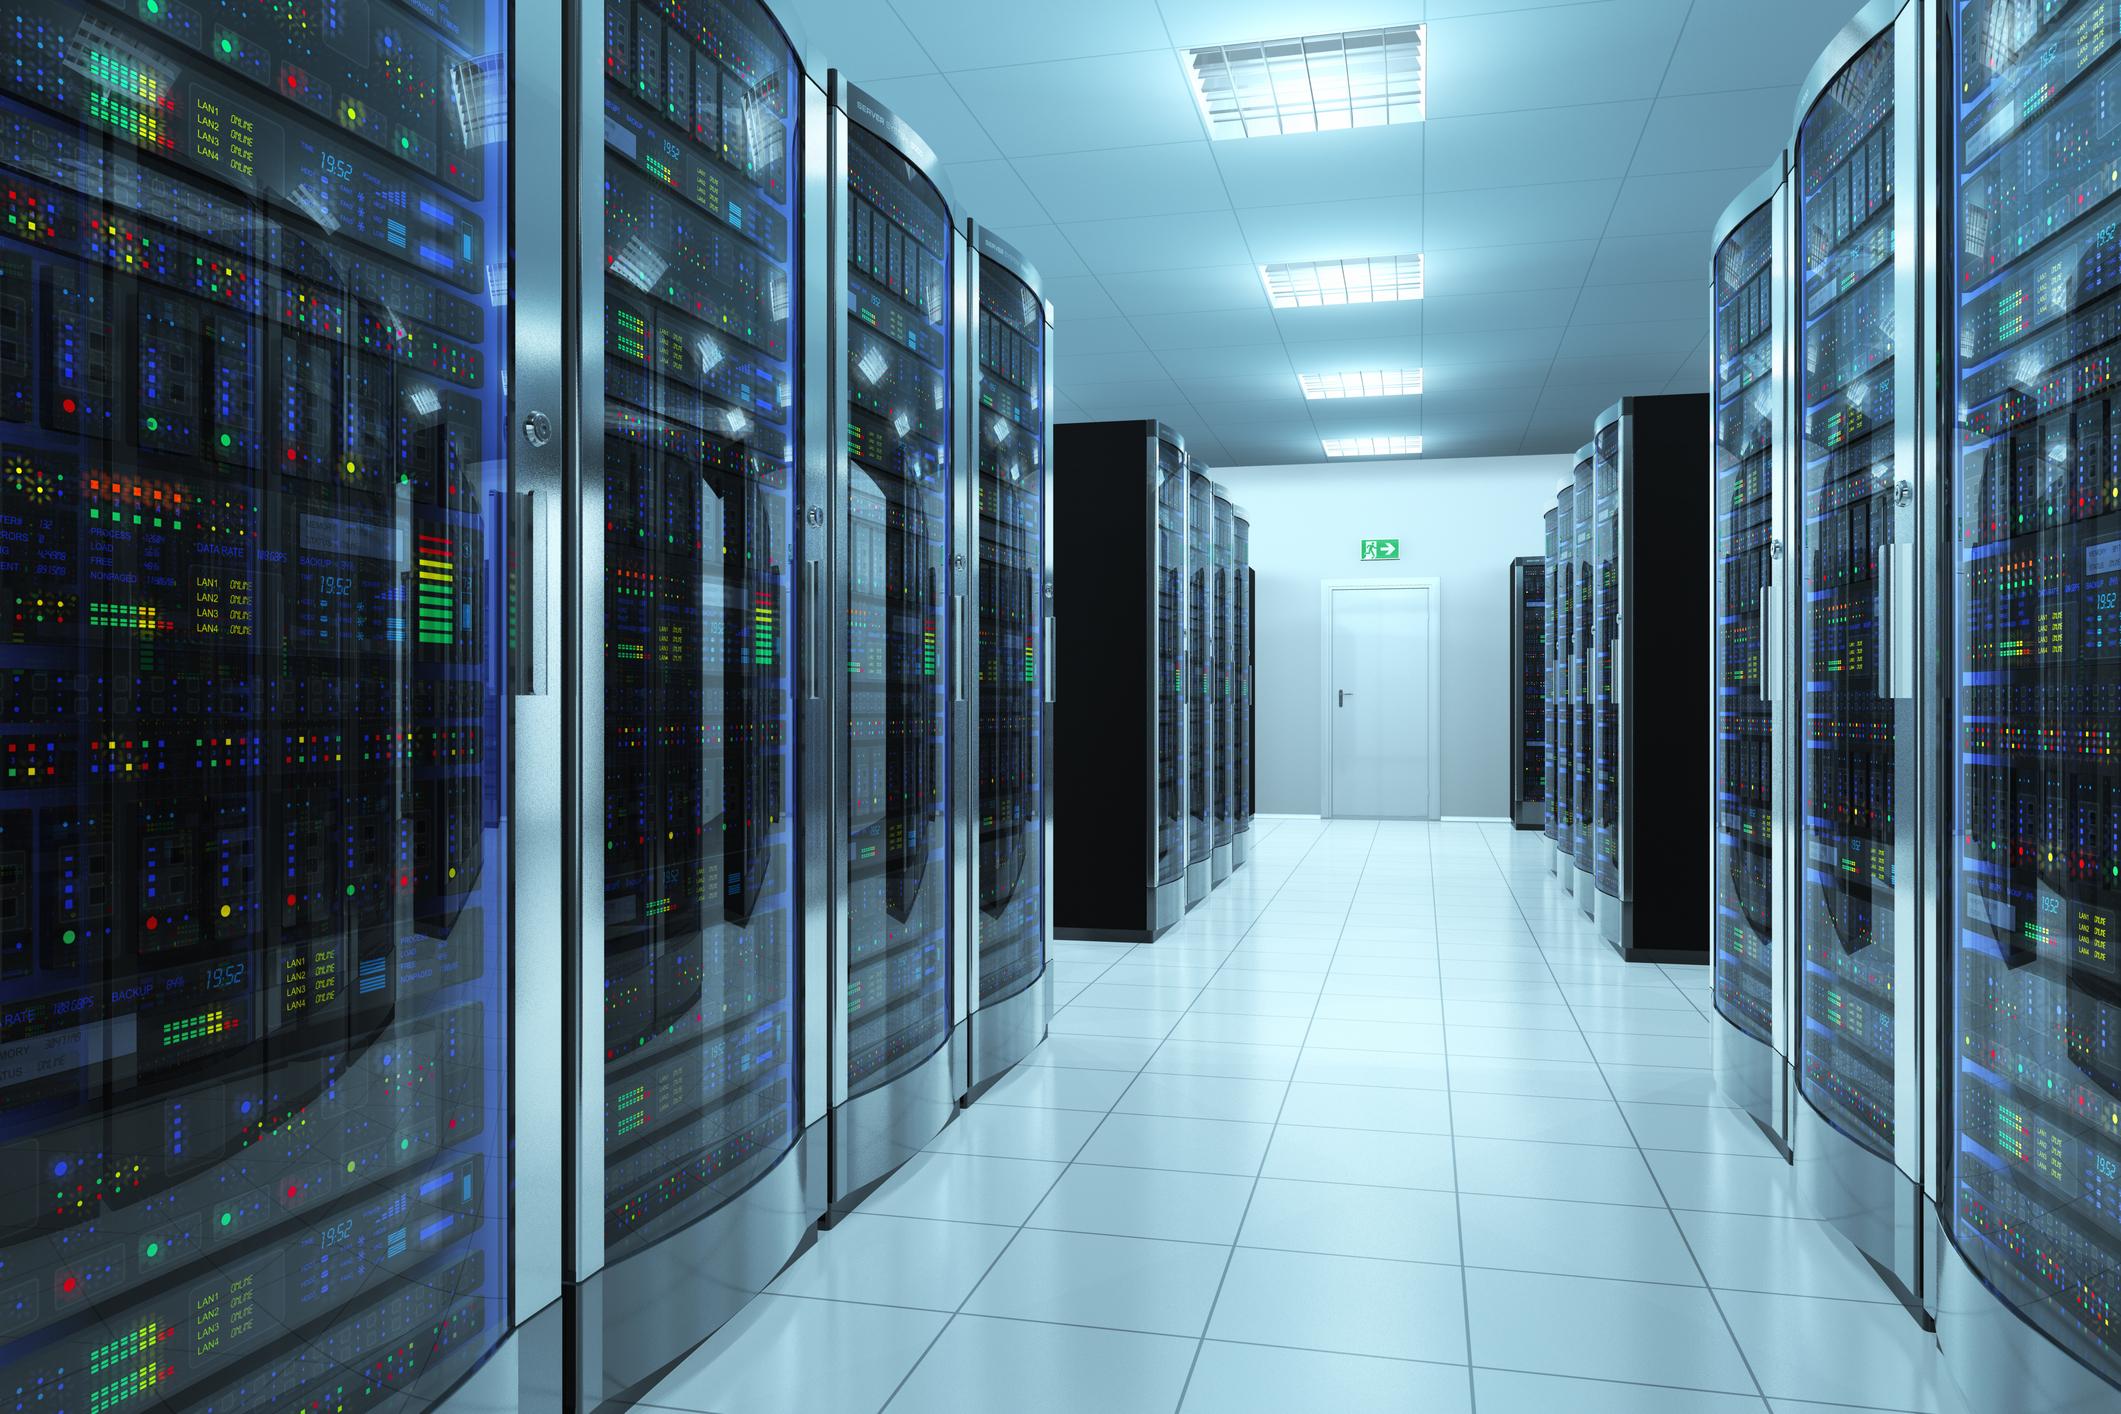 Inside a server room.